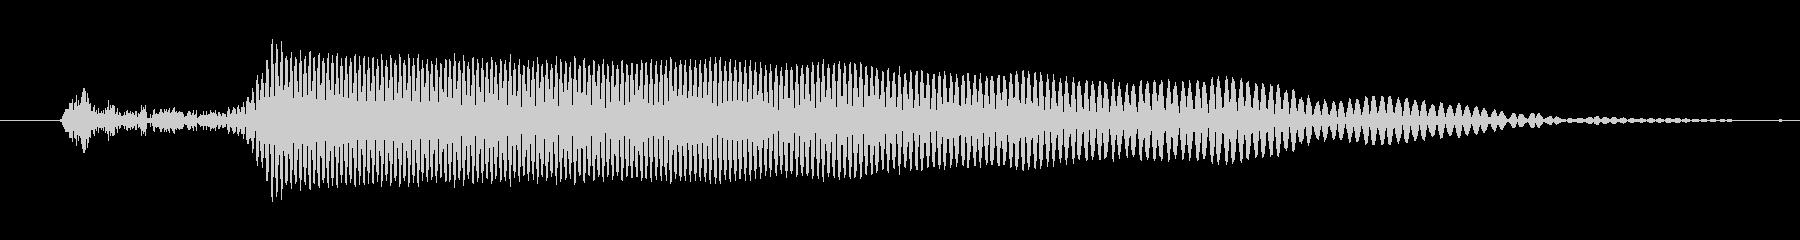 リトルレッドモンスター:Pの未再生の波形